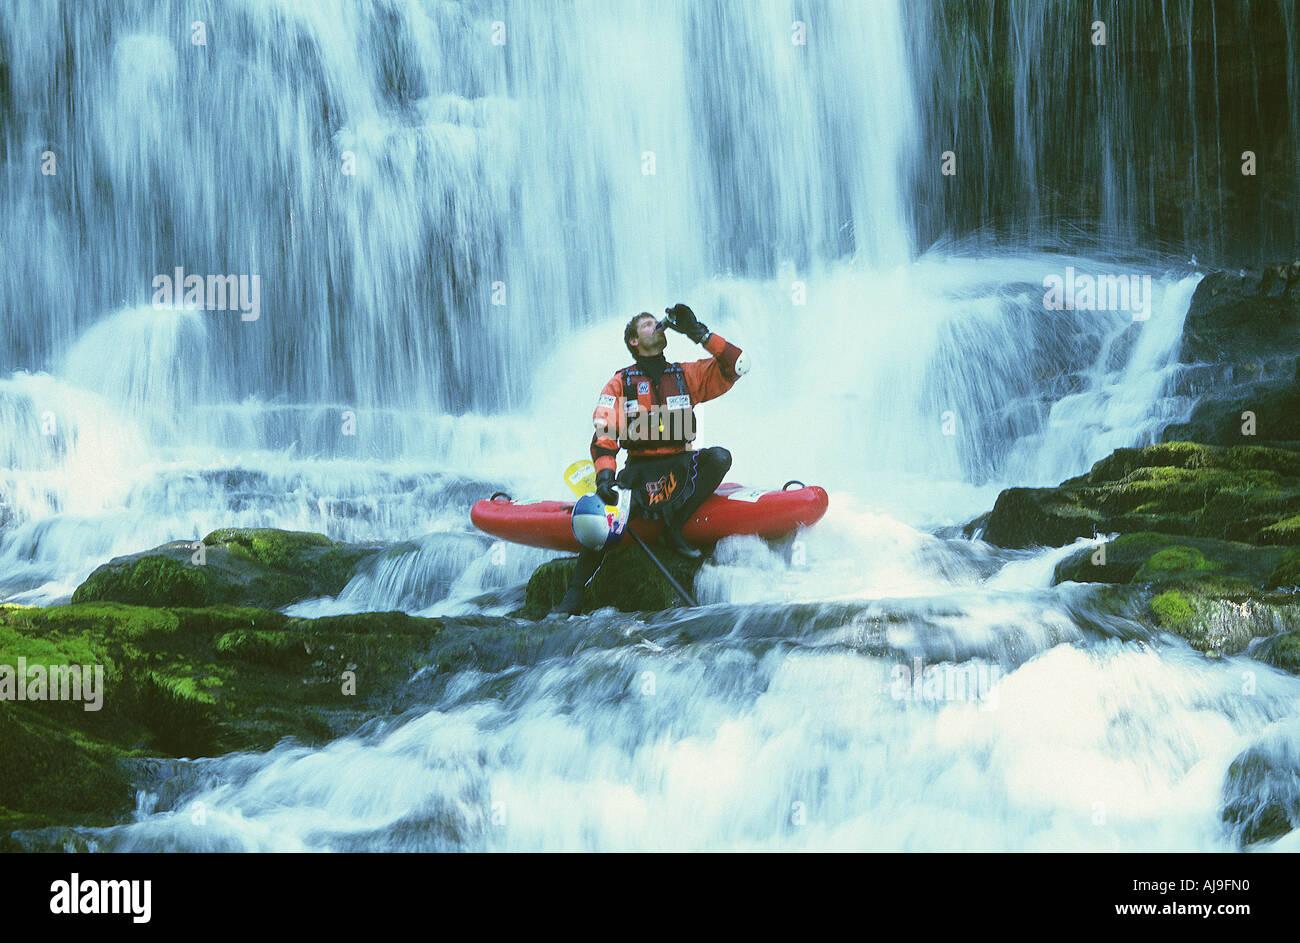 Shaun Baker rehydrating during an extreme kayaking shoot - Stock Image